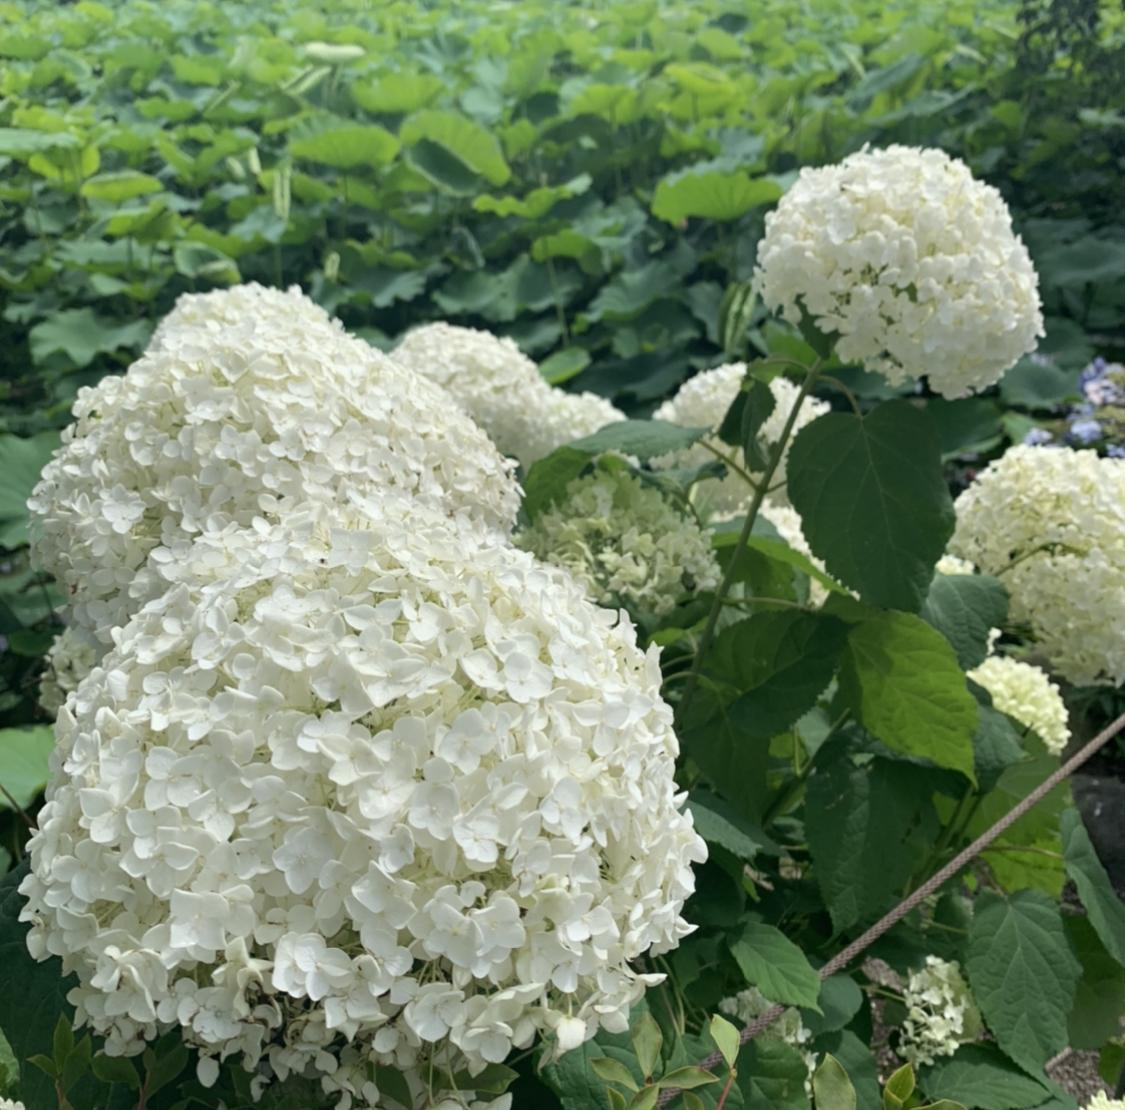 【梅雨も楽しめる♪】上野をお散歩してみませんか?☺︎_2